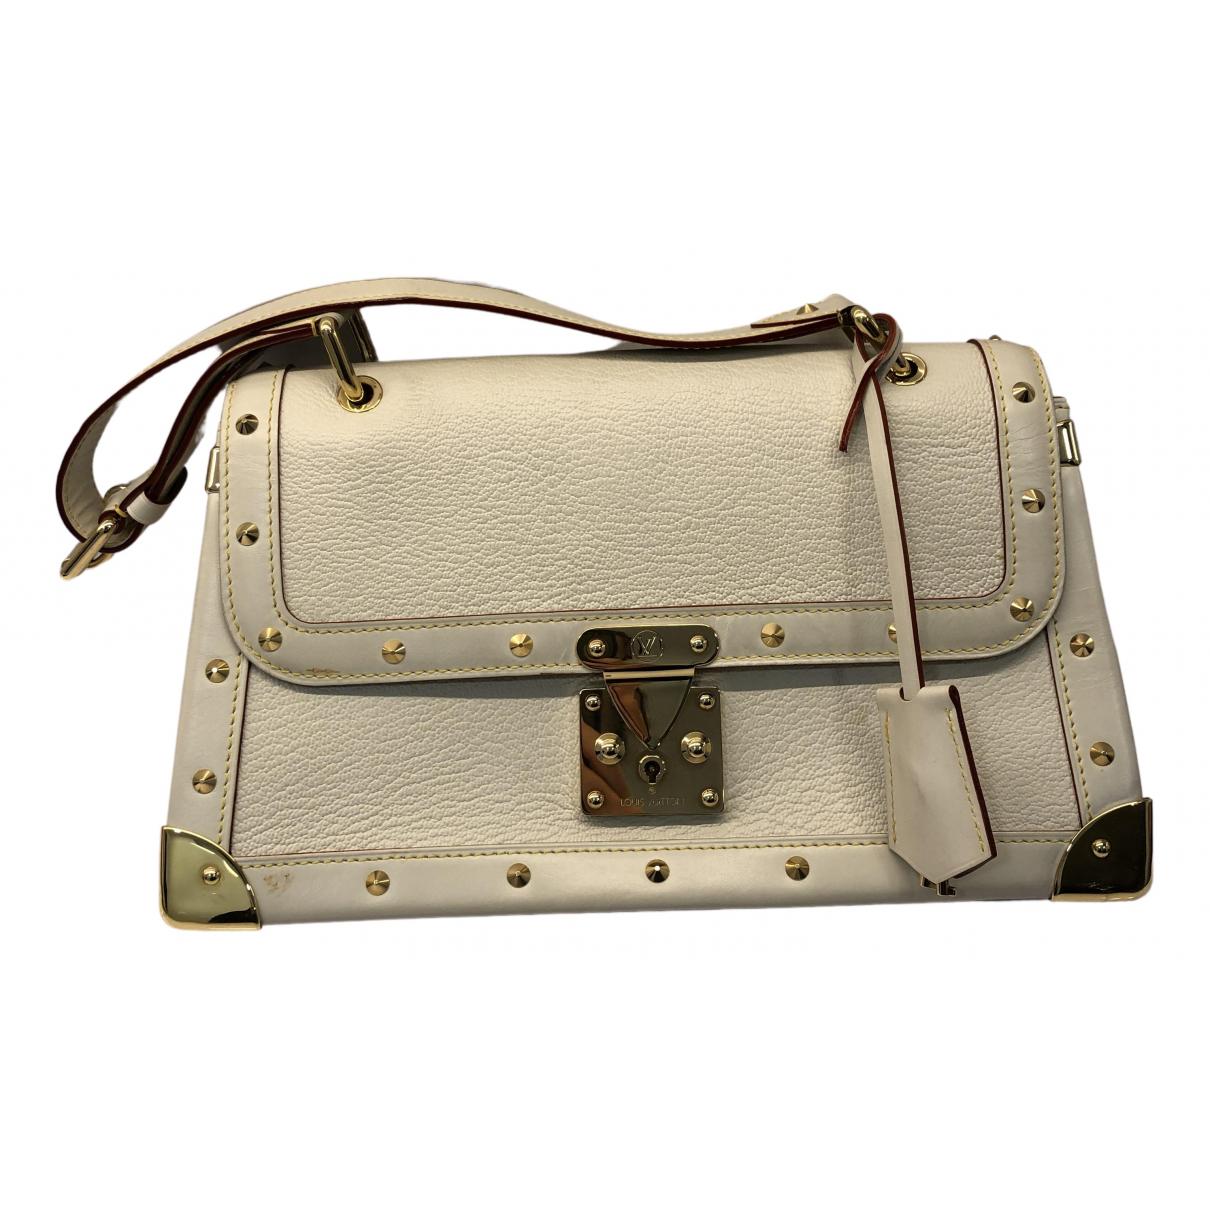 Louis Vuitton - Sac a main Le Talentueux pour femme en cuir - beige